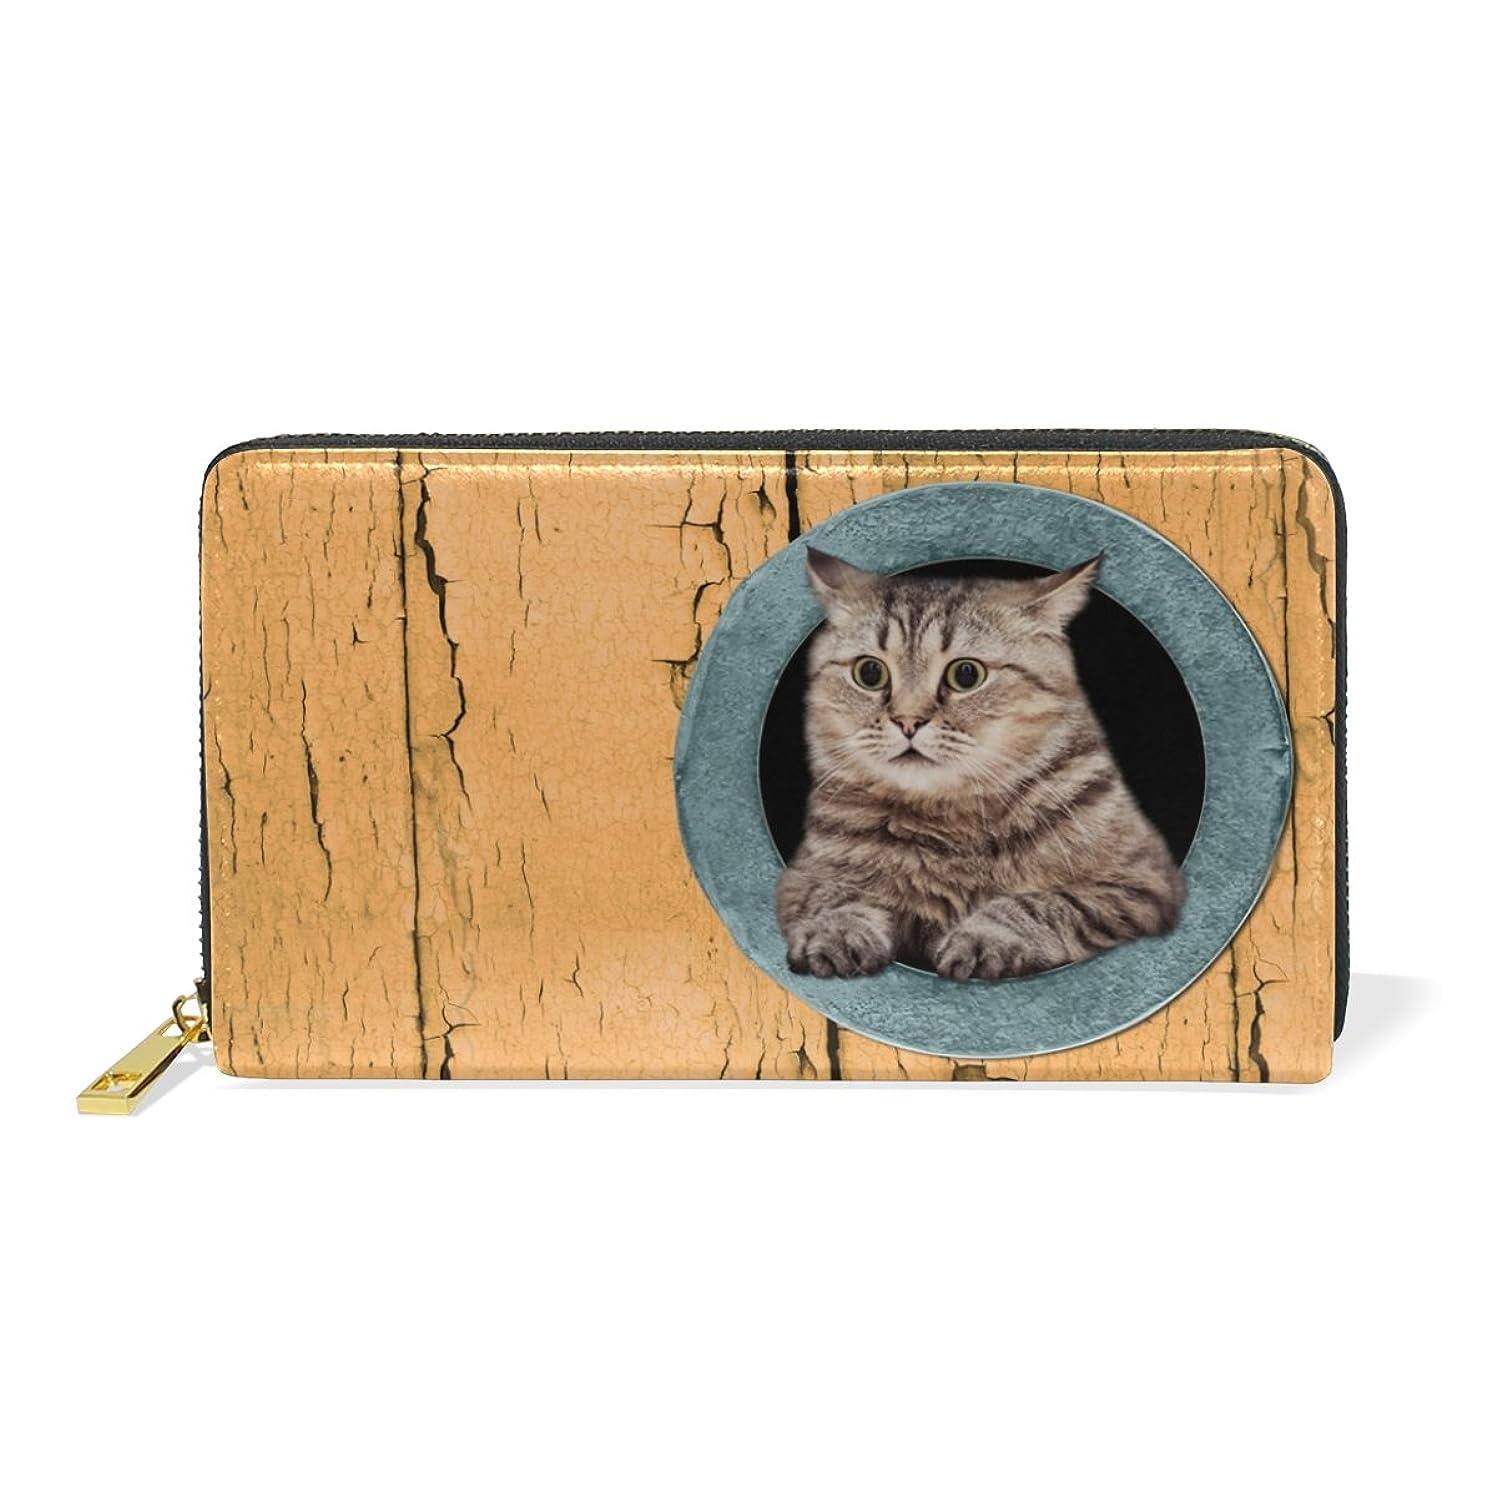 状況識別使用法マキク(MAKIKU) 財布 レディース 長財布 本革 おしゃれ 大容量 ラウンドファスナー カード12枚収納 プレゼント対応 かわいい 猫柄 オレンジ